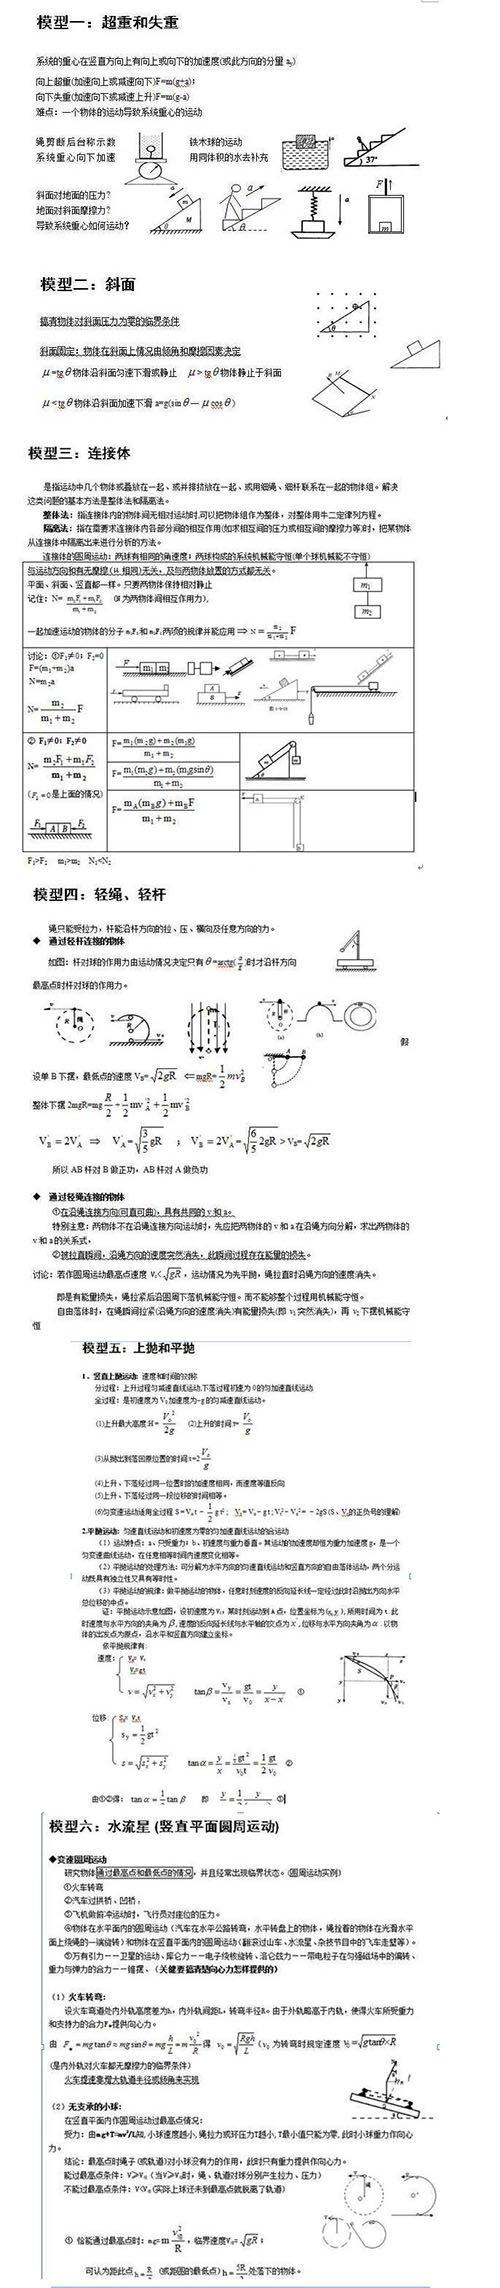 高中物理24个重点题型汇总,解决高中物理难题!